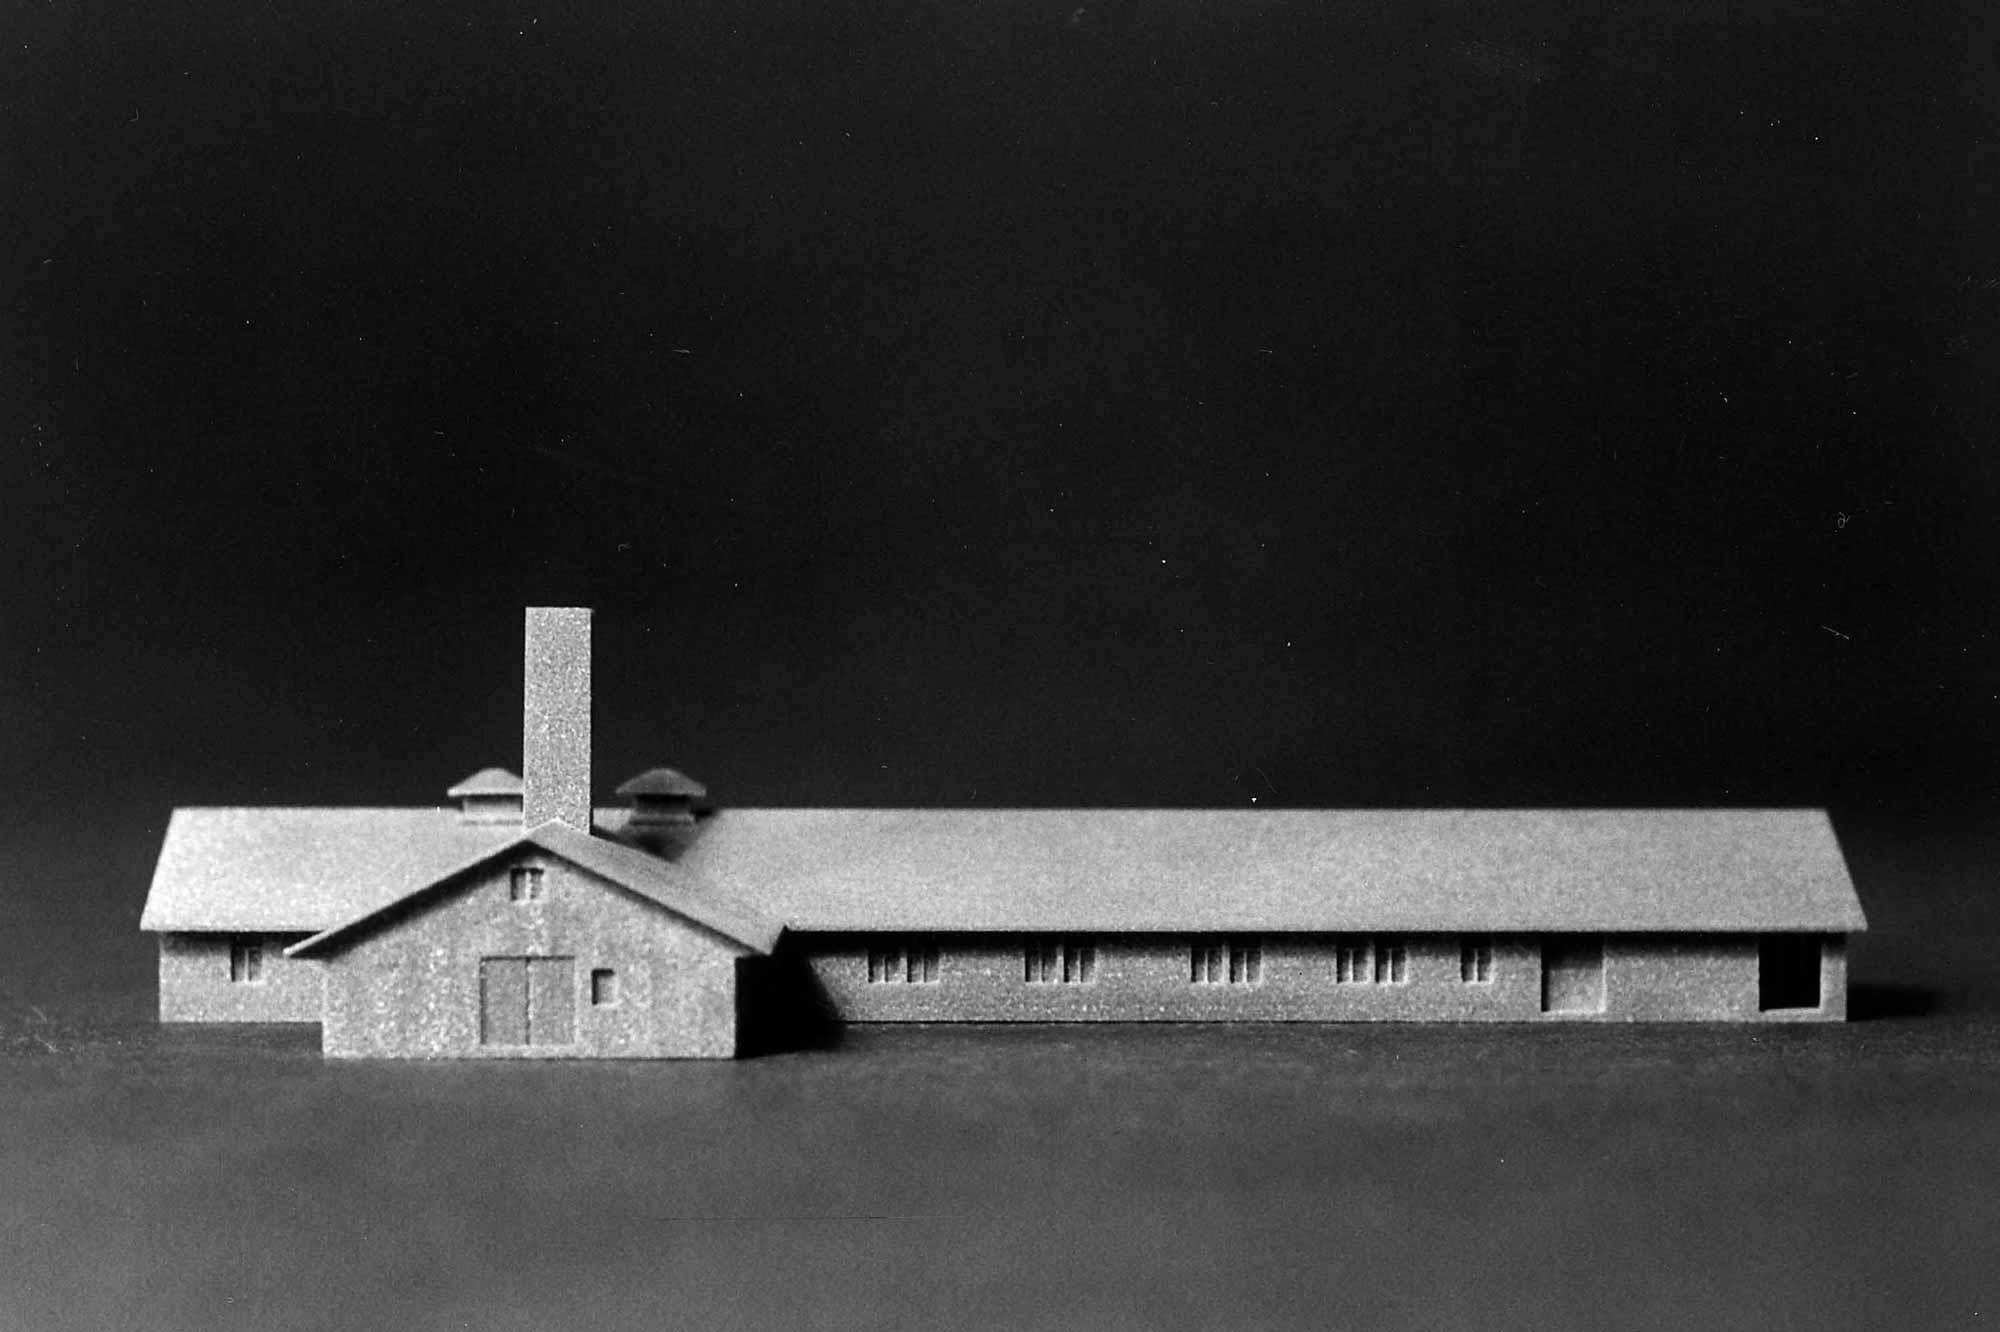 Verhör im Licht, Fotodokumentation Modell KZ Dachau, neues Krematorium